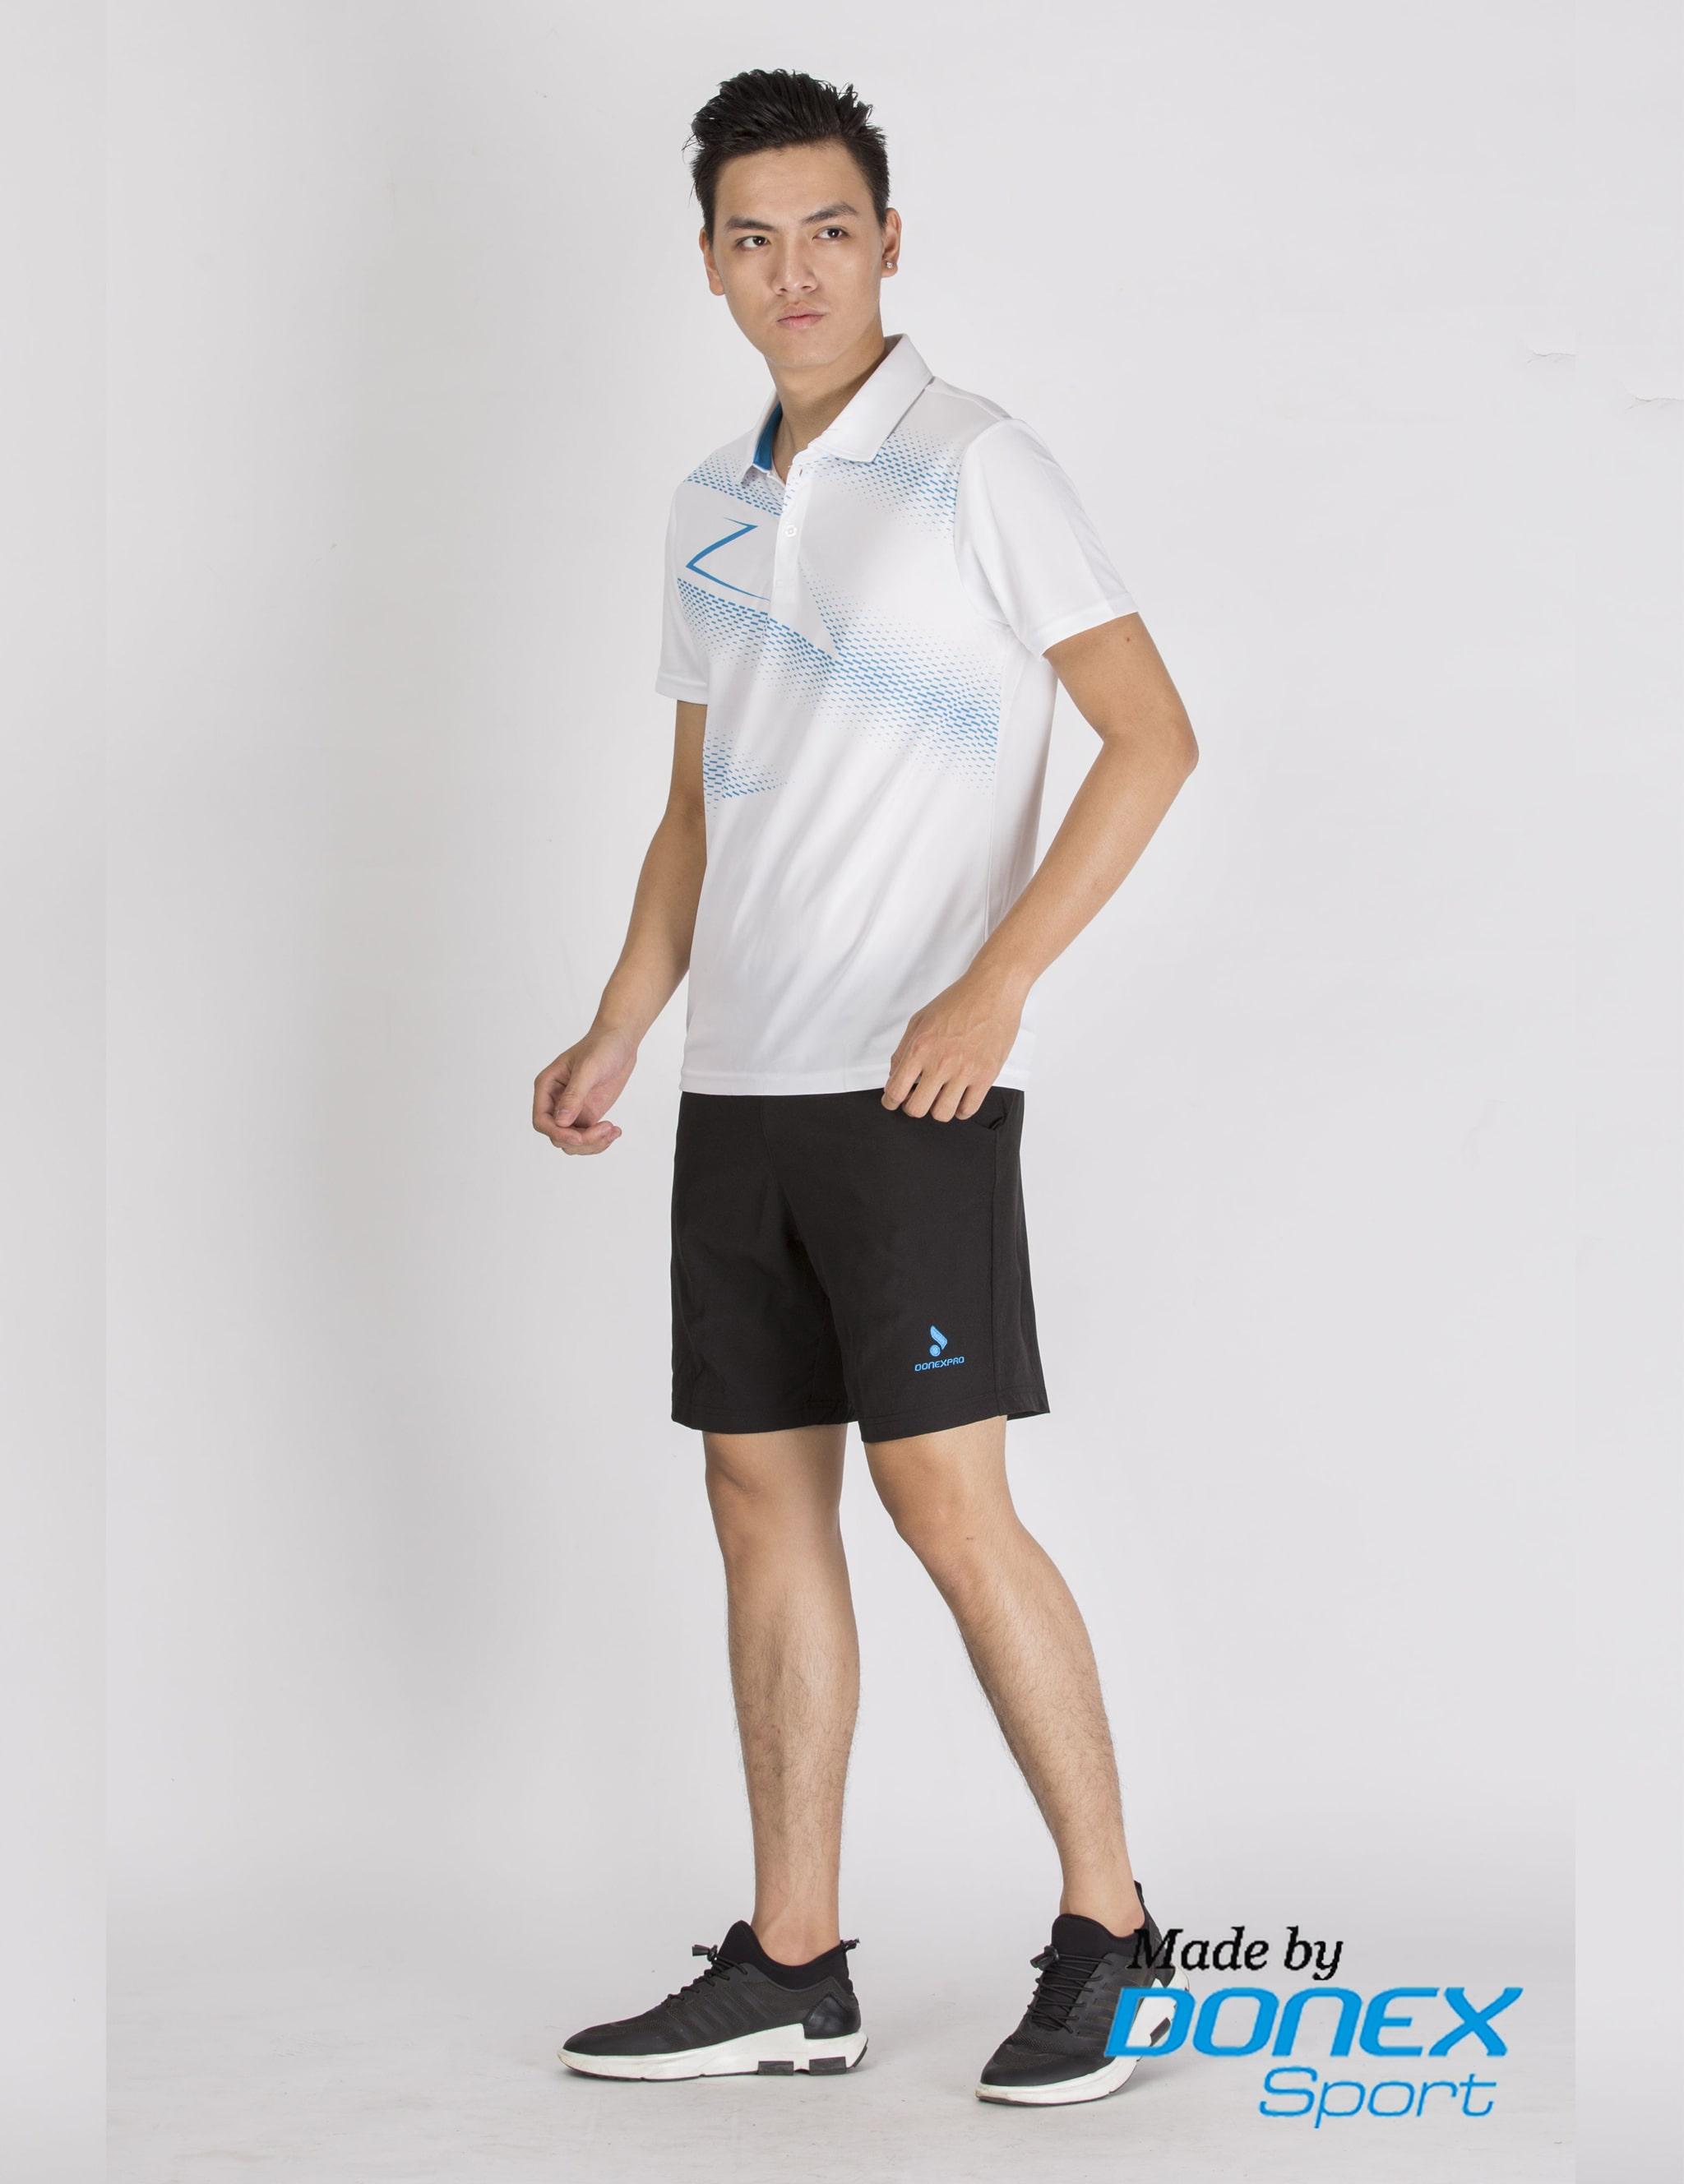 Quần thể thao nam MSC965-08-02 đen phối xanh cô ban